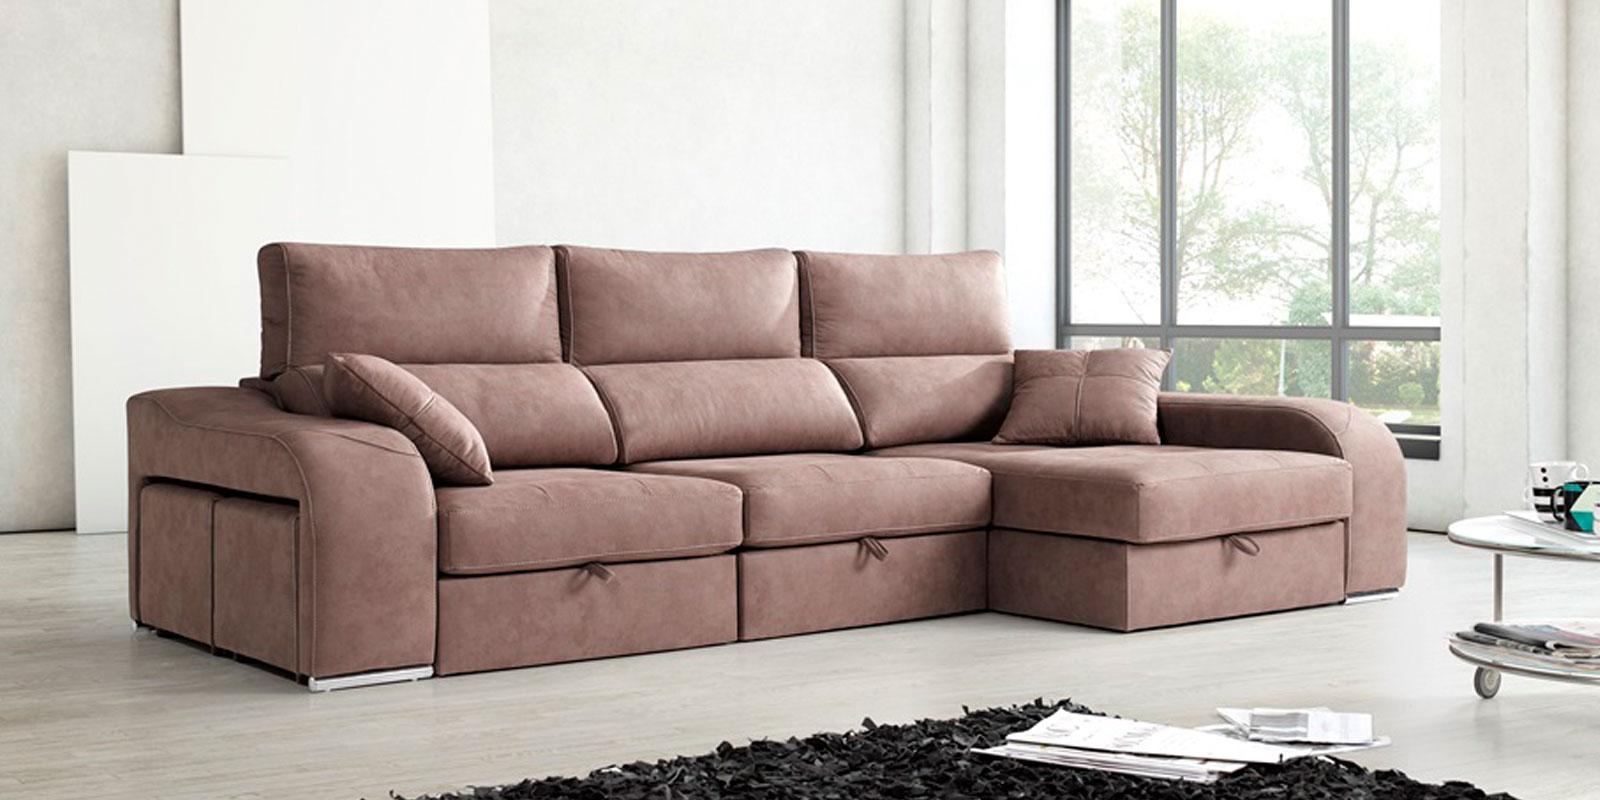 Lyon sofas alicante todo sofa - Sillones originales ...